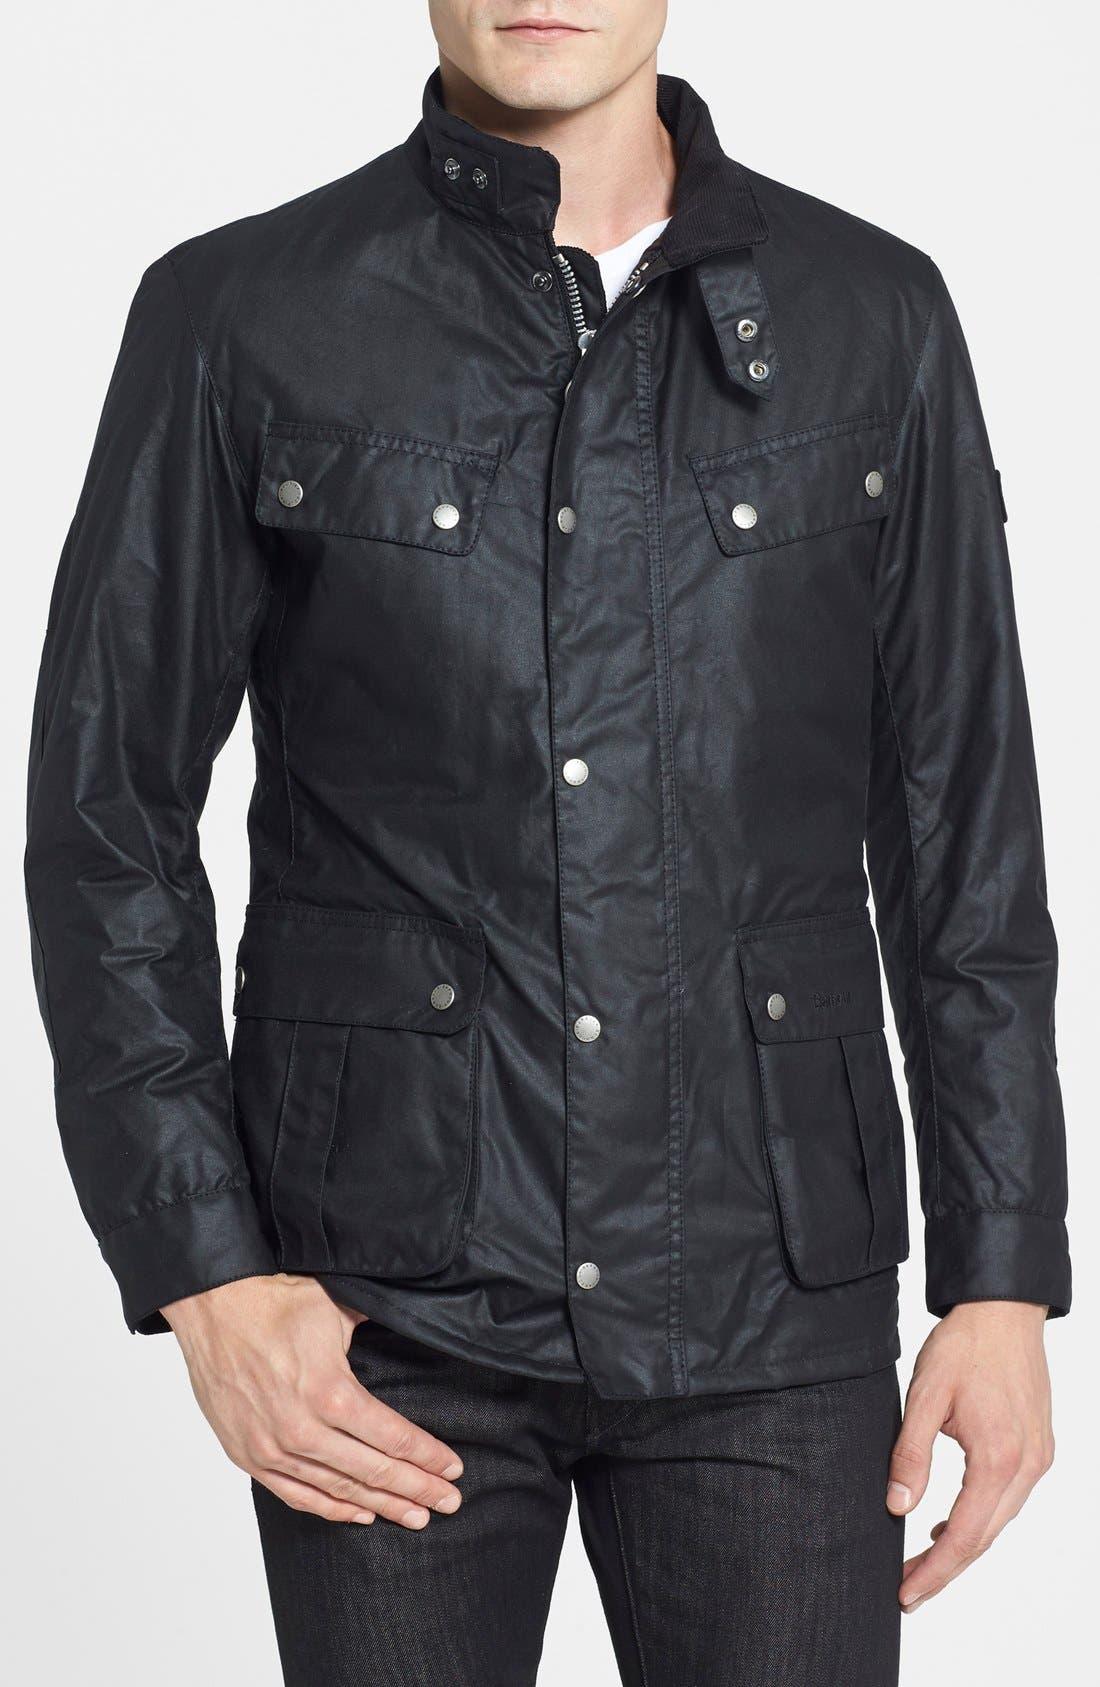 Black button up jacket men's